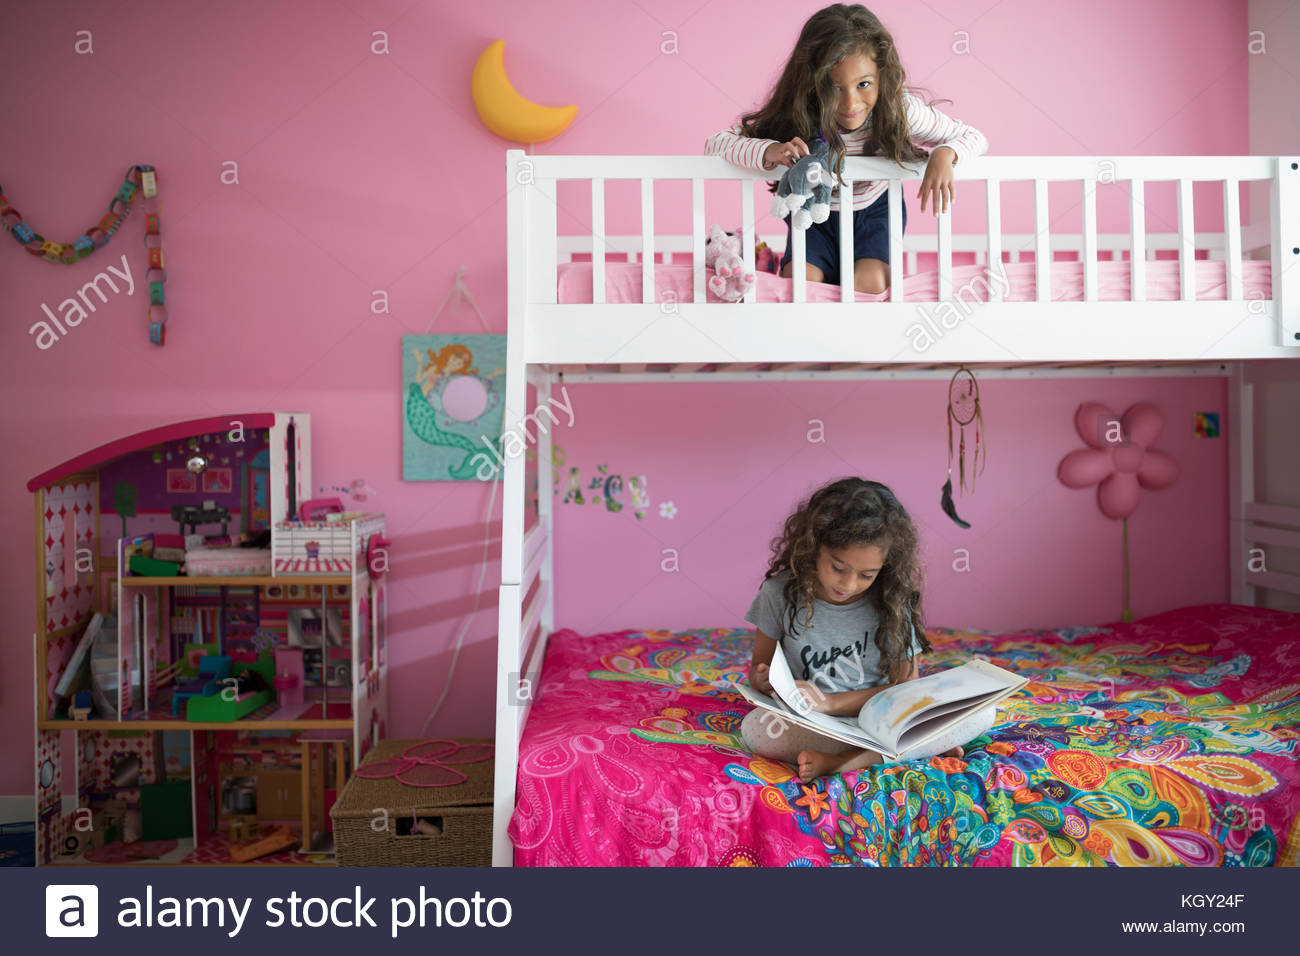 Etagenbett Junge Und Mädchen : Mädchen schwestern spielen und lesen buch im etagenbett in rosa